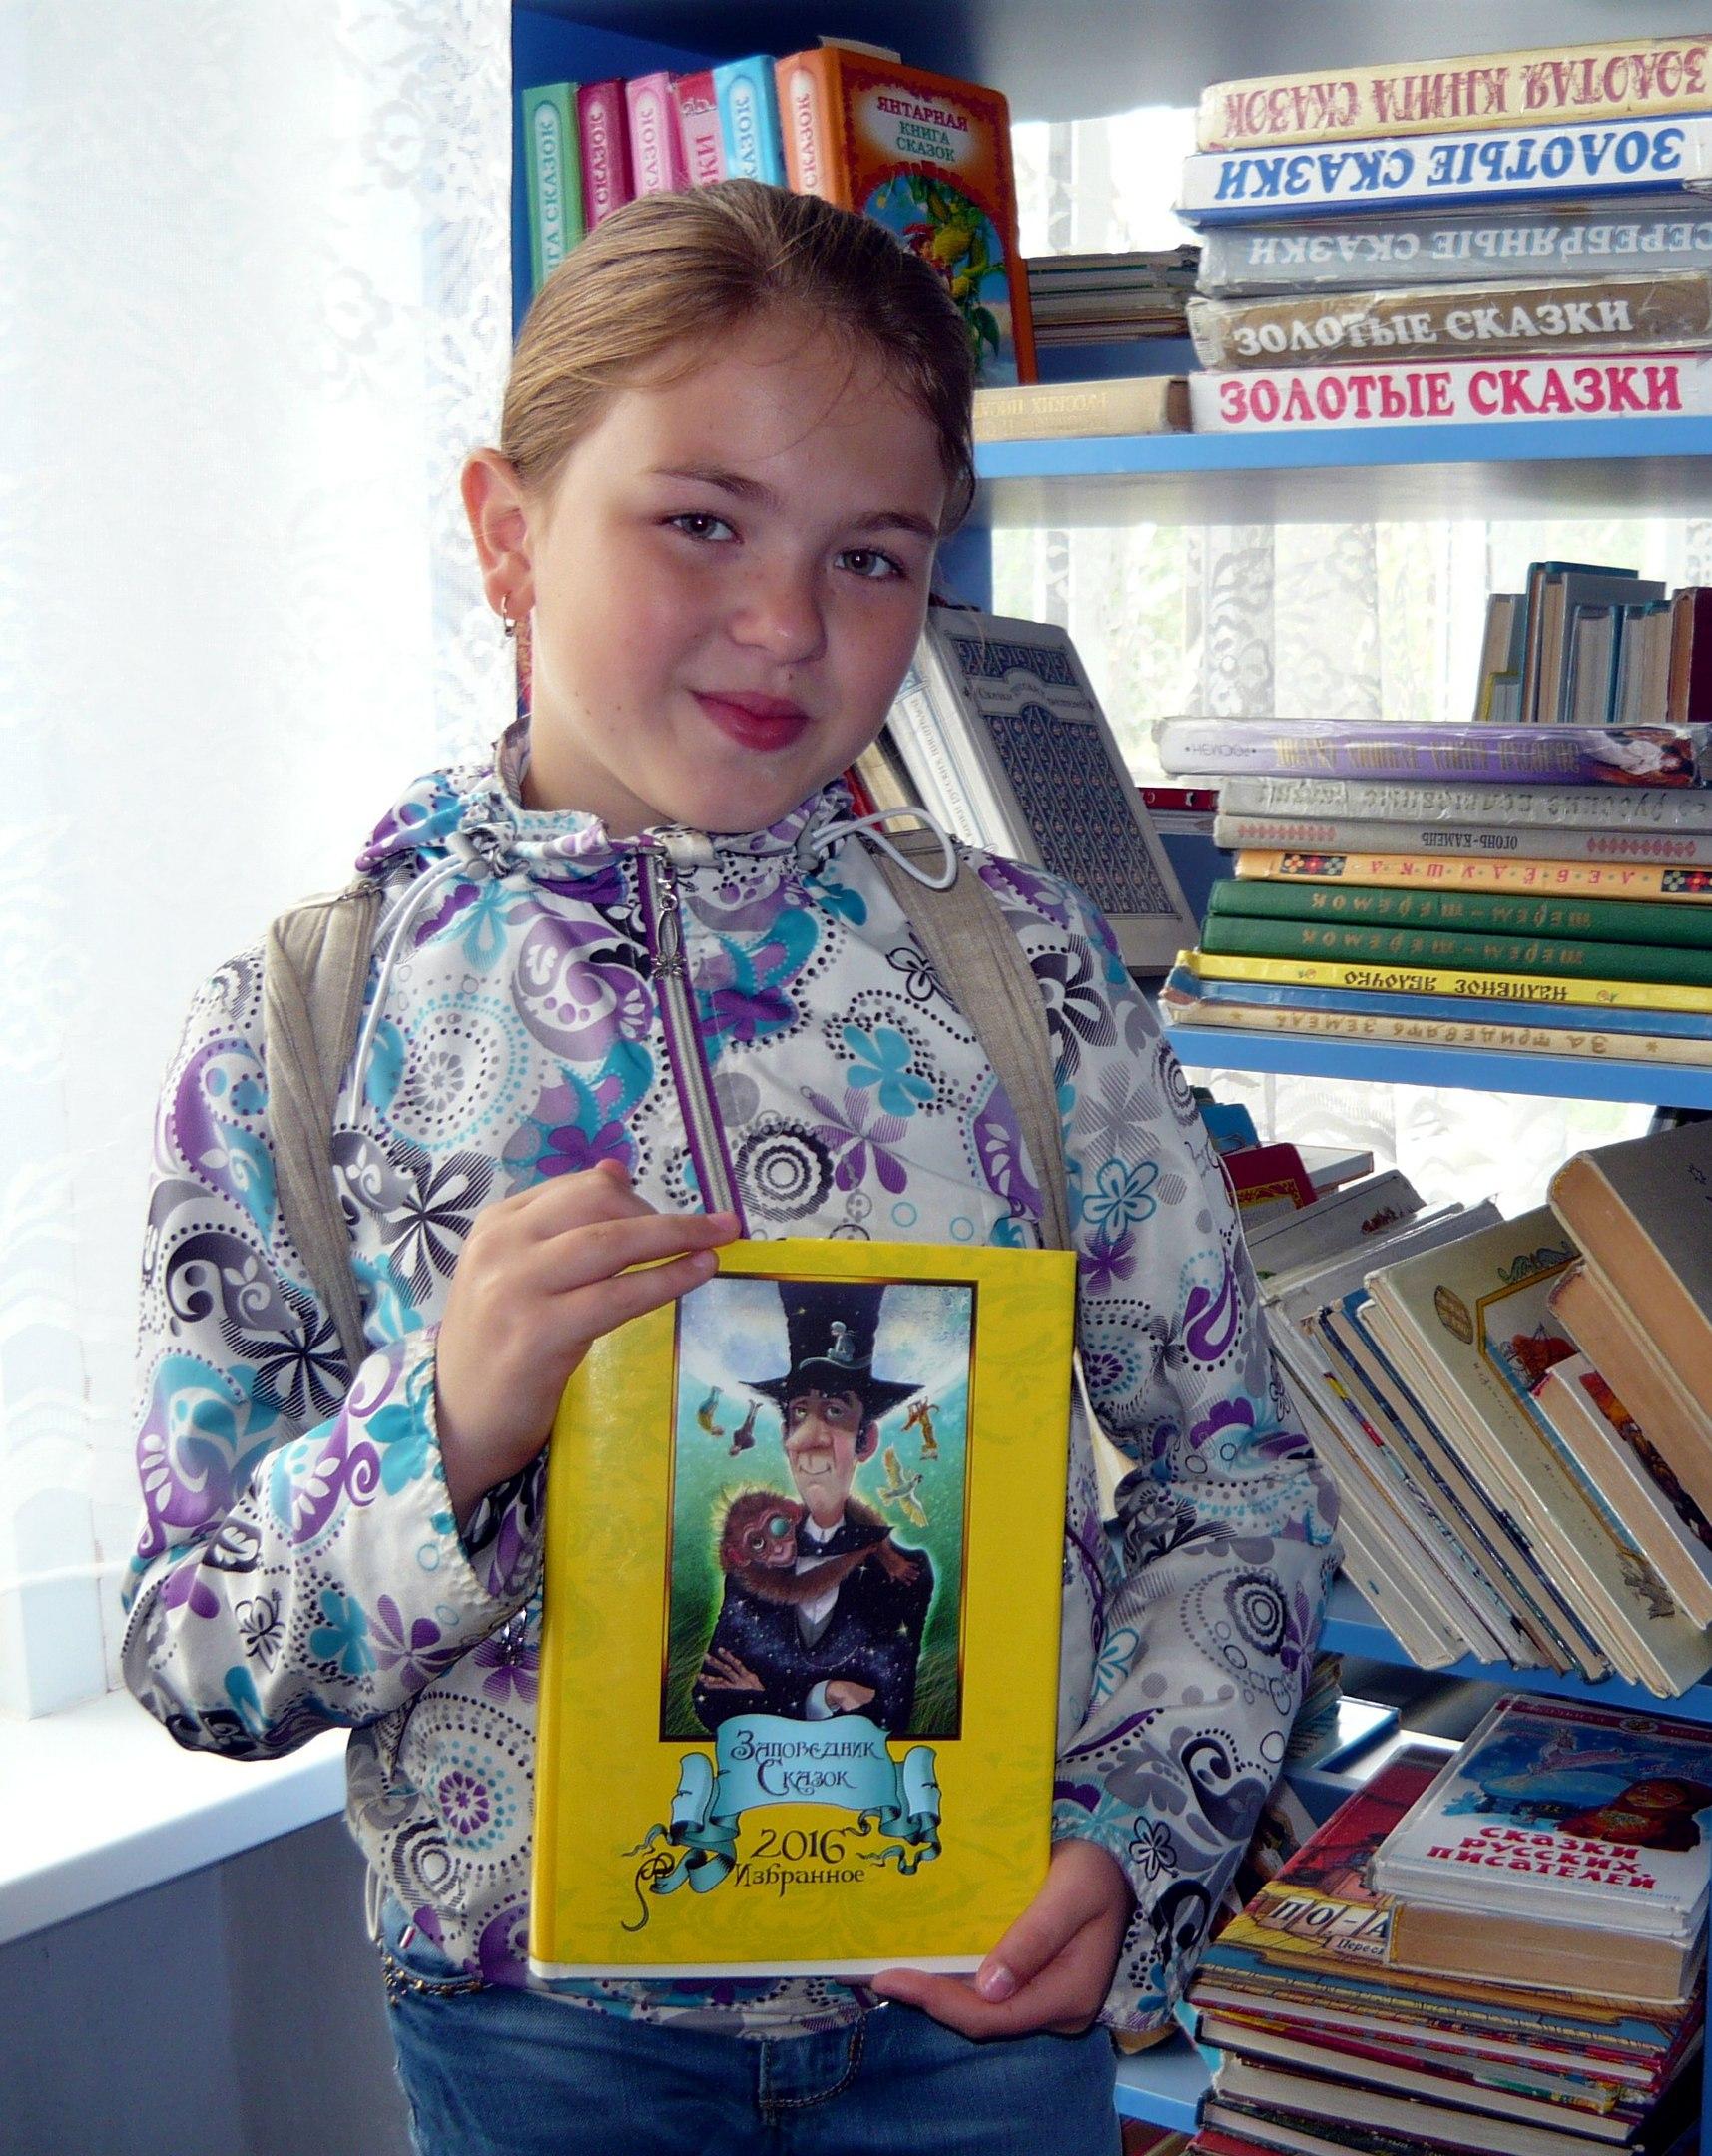 Юная читательница книги